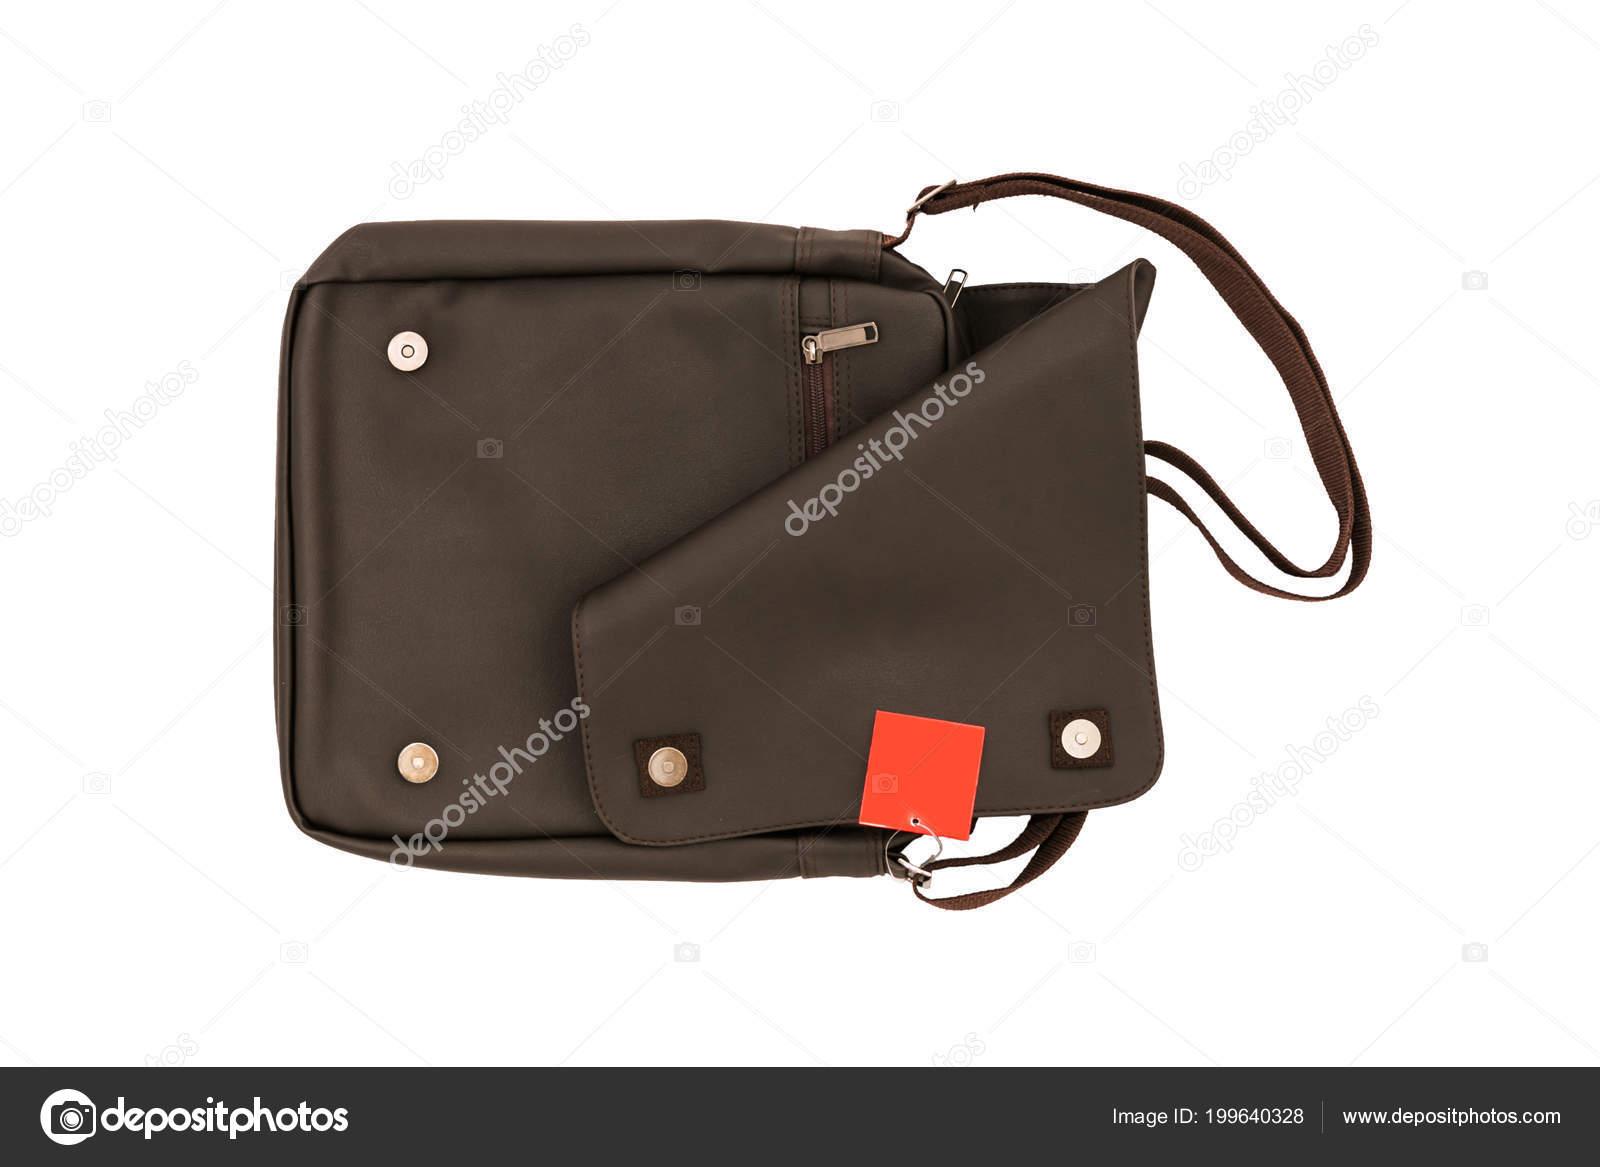 vida de de etiqueta blanco Bolso y fondo de de cuero cuero marrón sobre para Concepto con hombre moda bolso estilo bandolera precio o pequeño aislado Bq1Pdqw